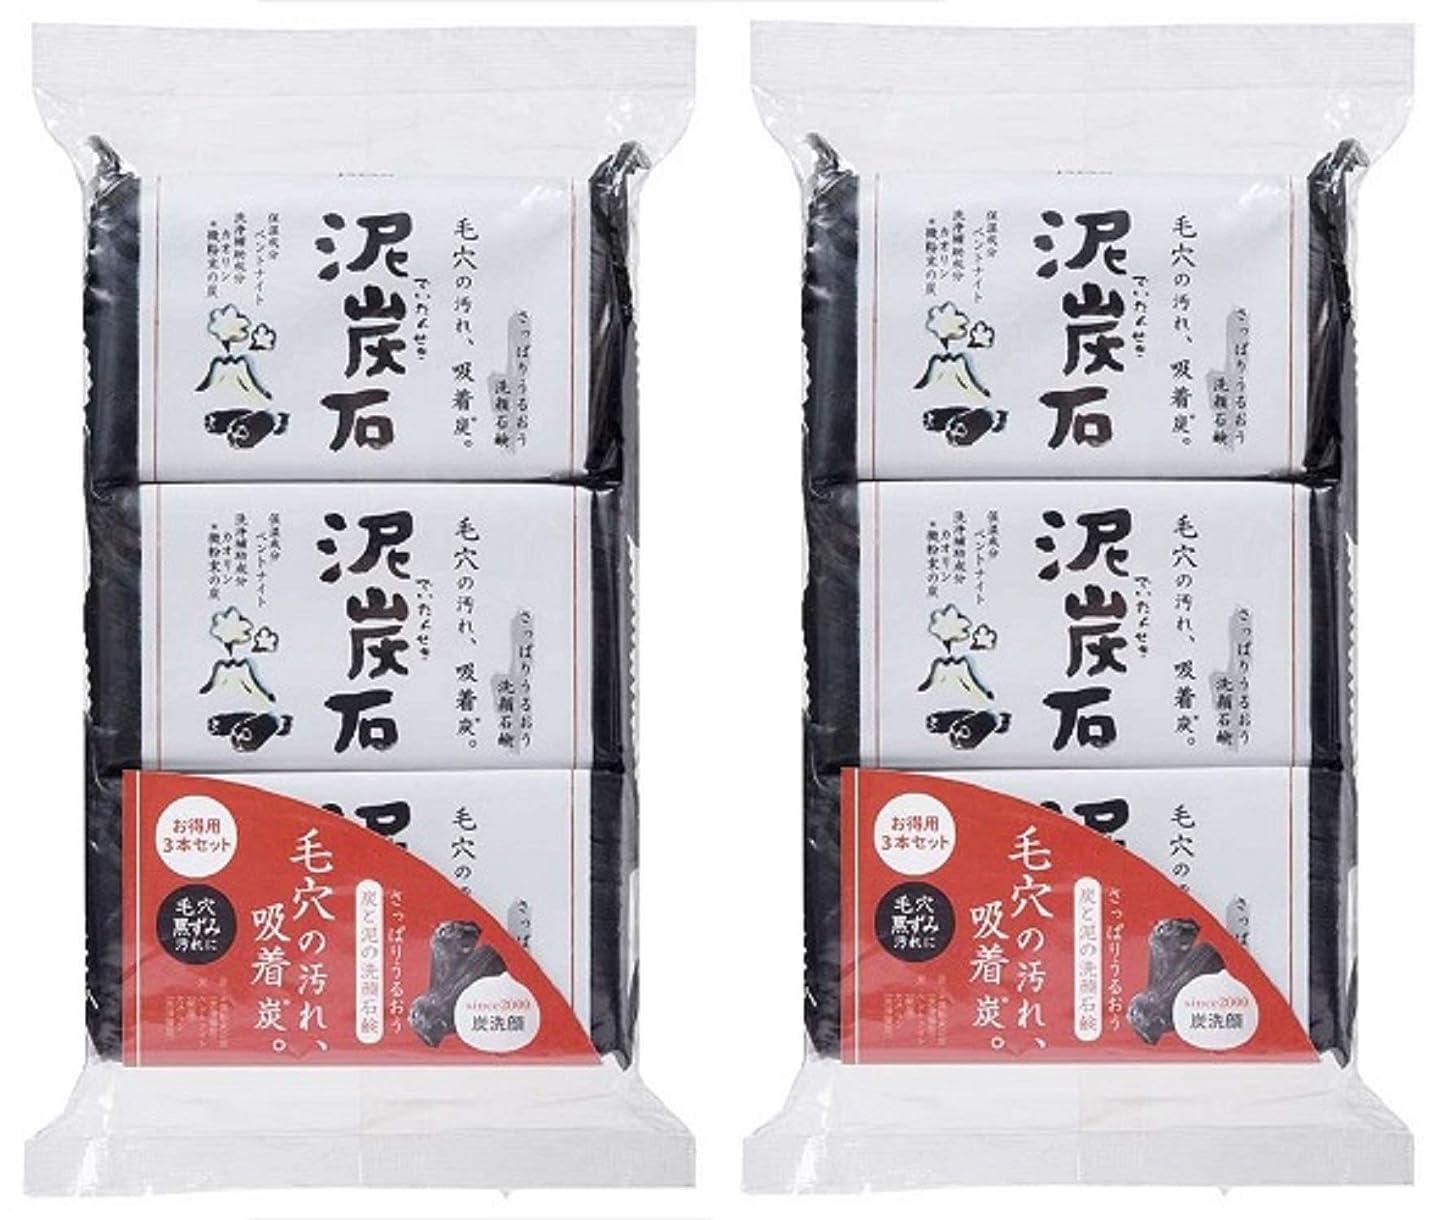 製作振動させる起きる(まとめ買い)ペリカン石鹸 泥炭石 110g×3個 ×2セット